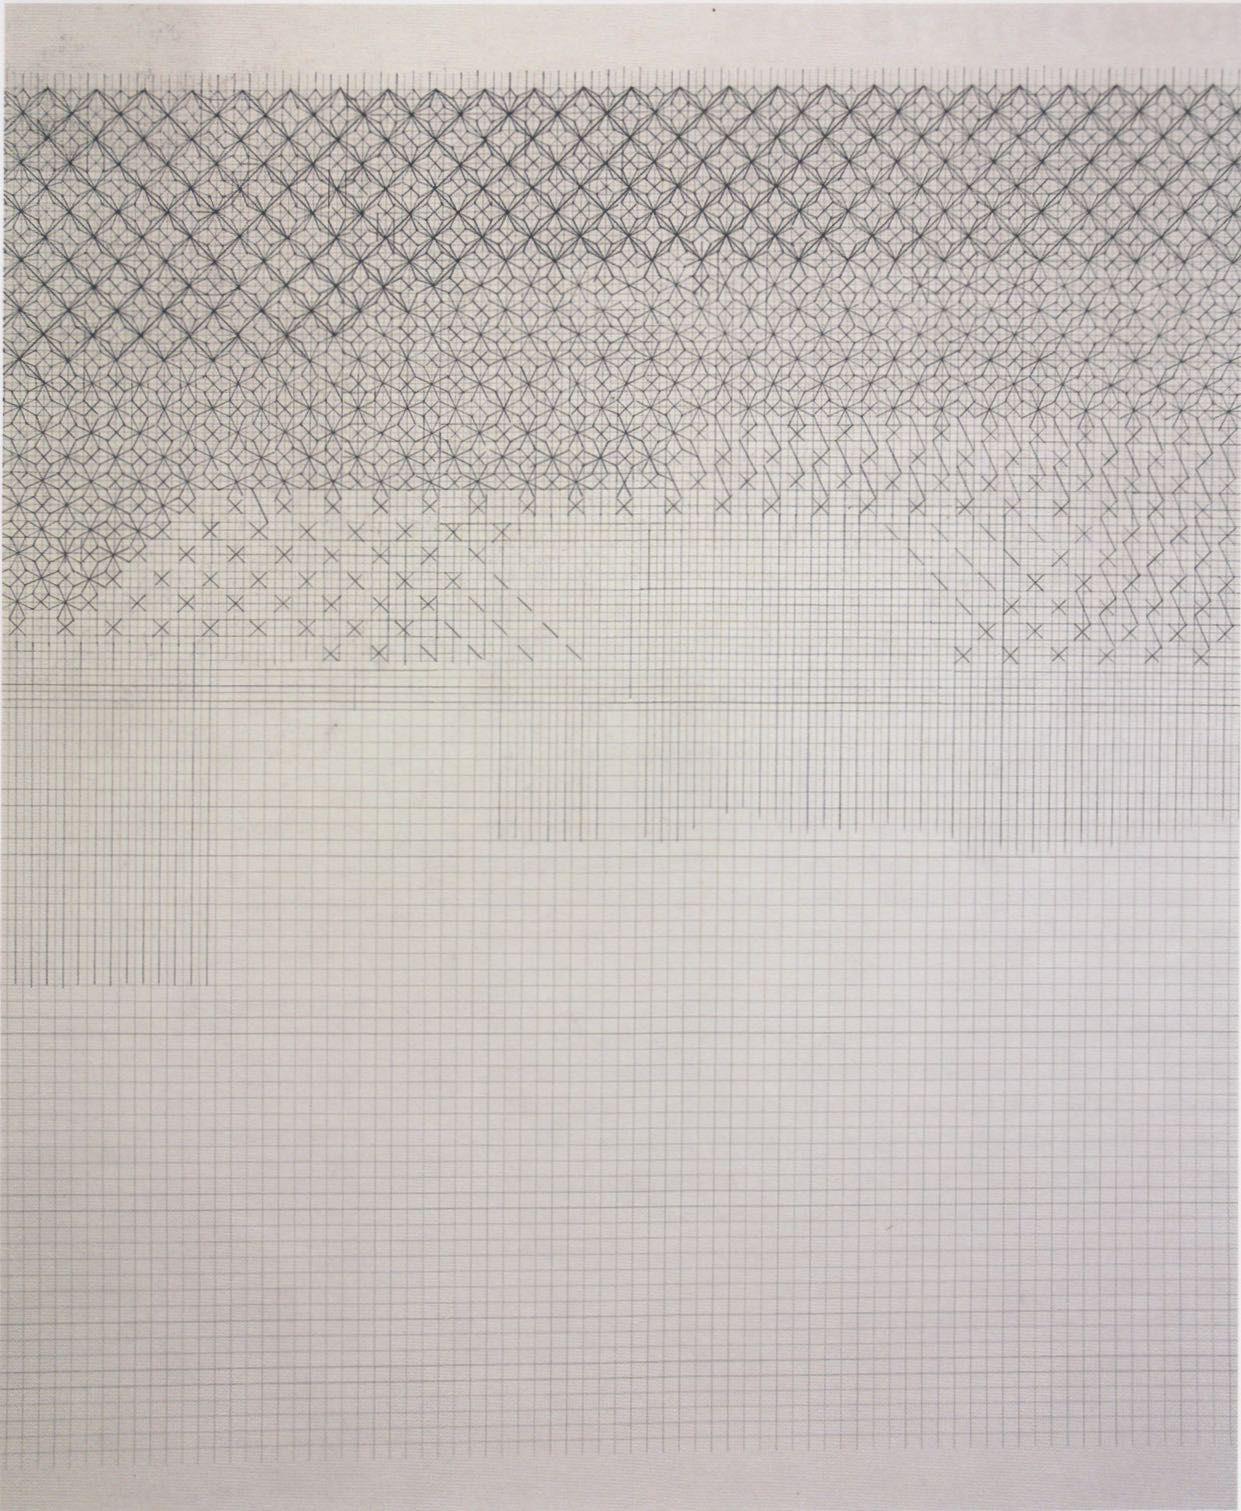 Pattern Study 1 by Yun Shin